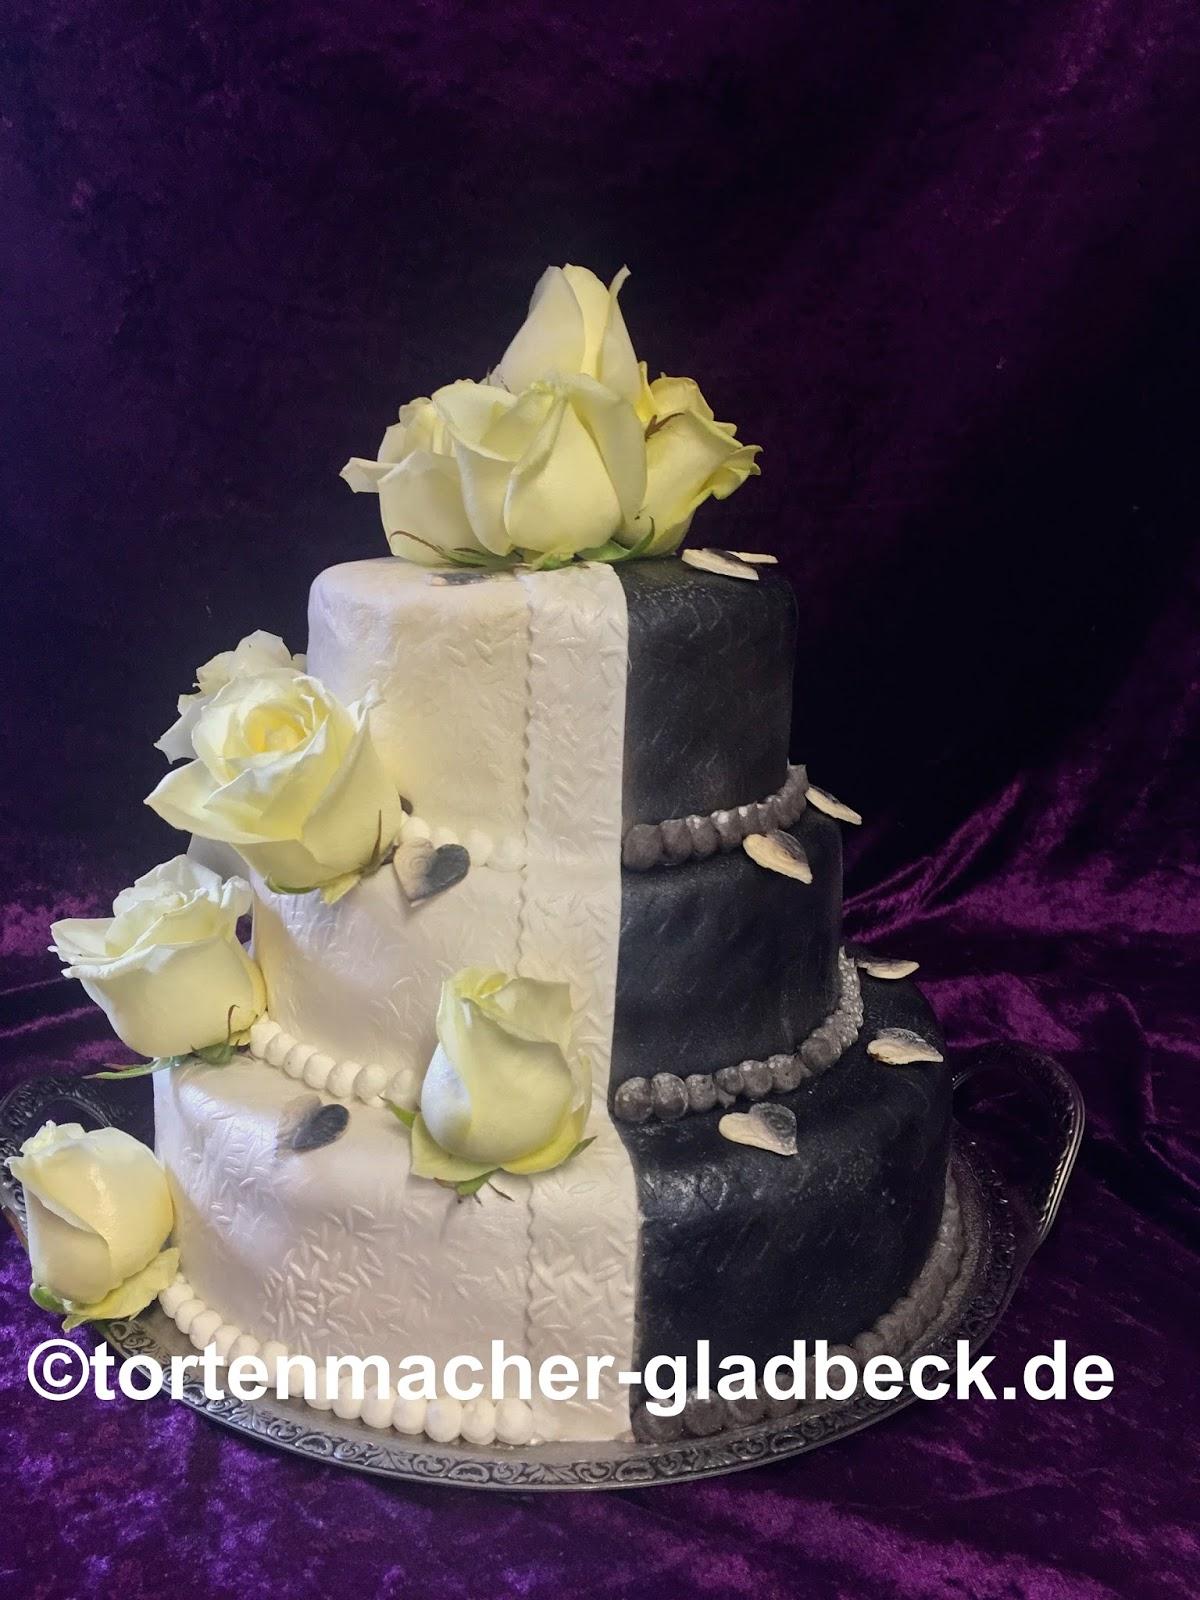 Der Tortenmacher Gladbeck Hochzeitstorte Schwarz Weiss